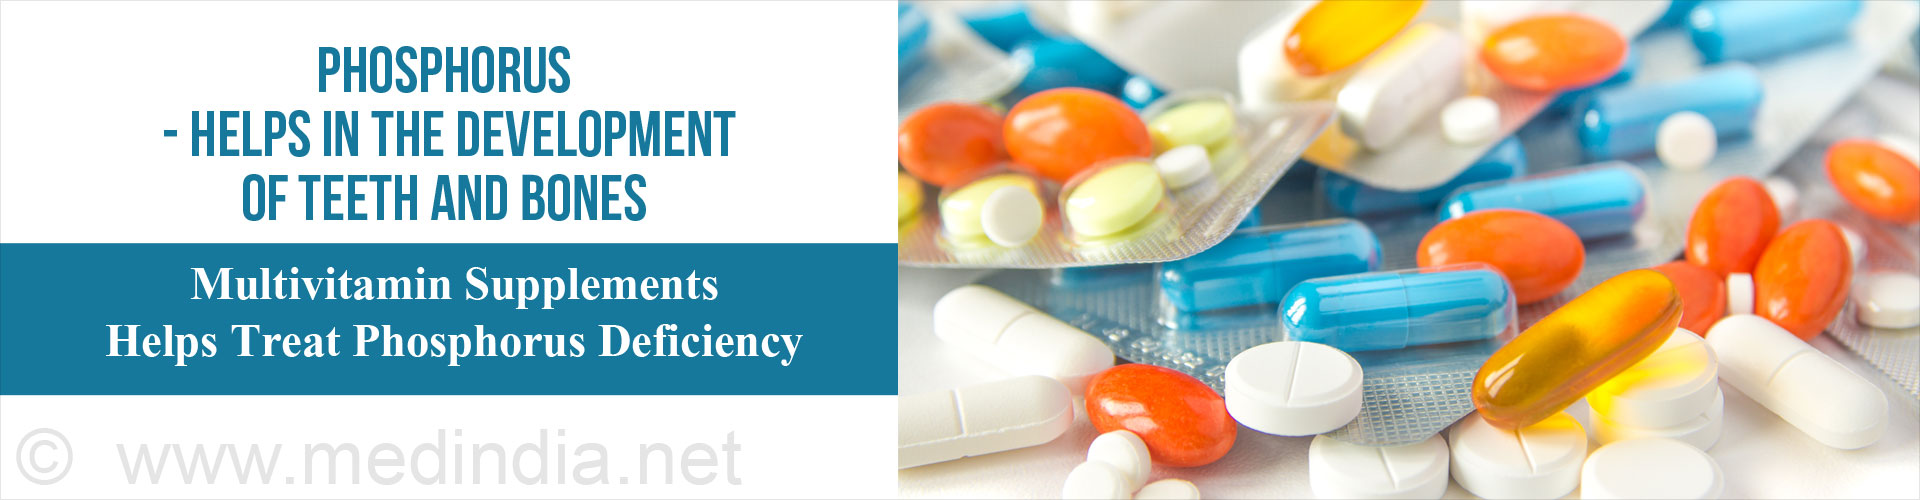 Phosphorous - Helps in the Development of Teeth and Bones - Multivitamin Supplements Help Treat Phosphorous Deficiency